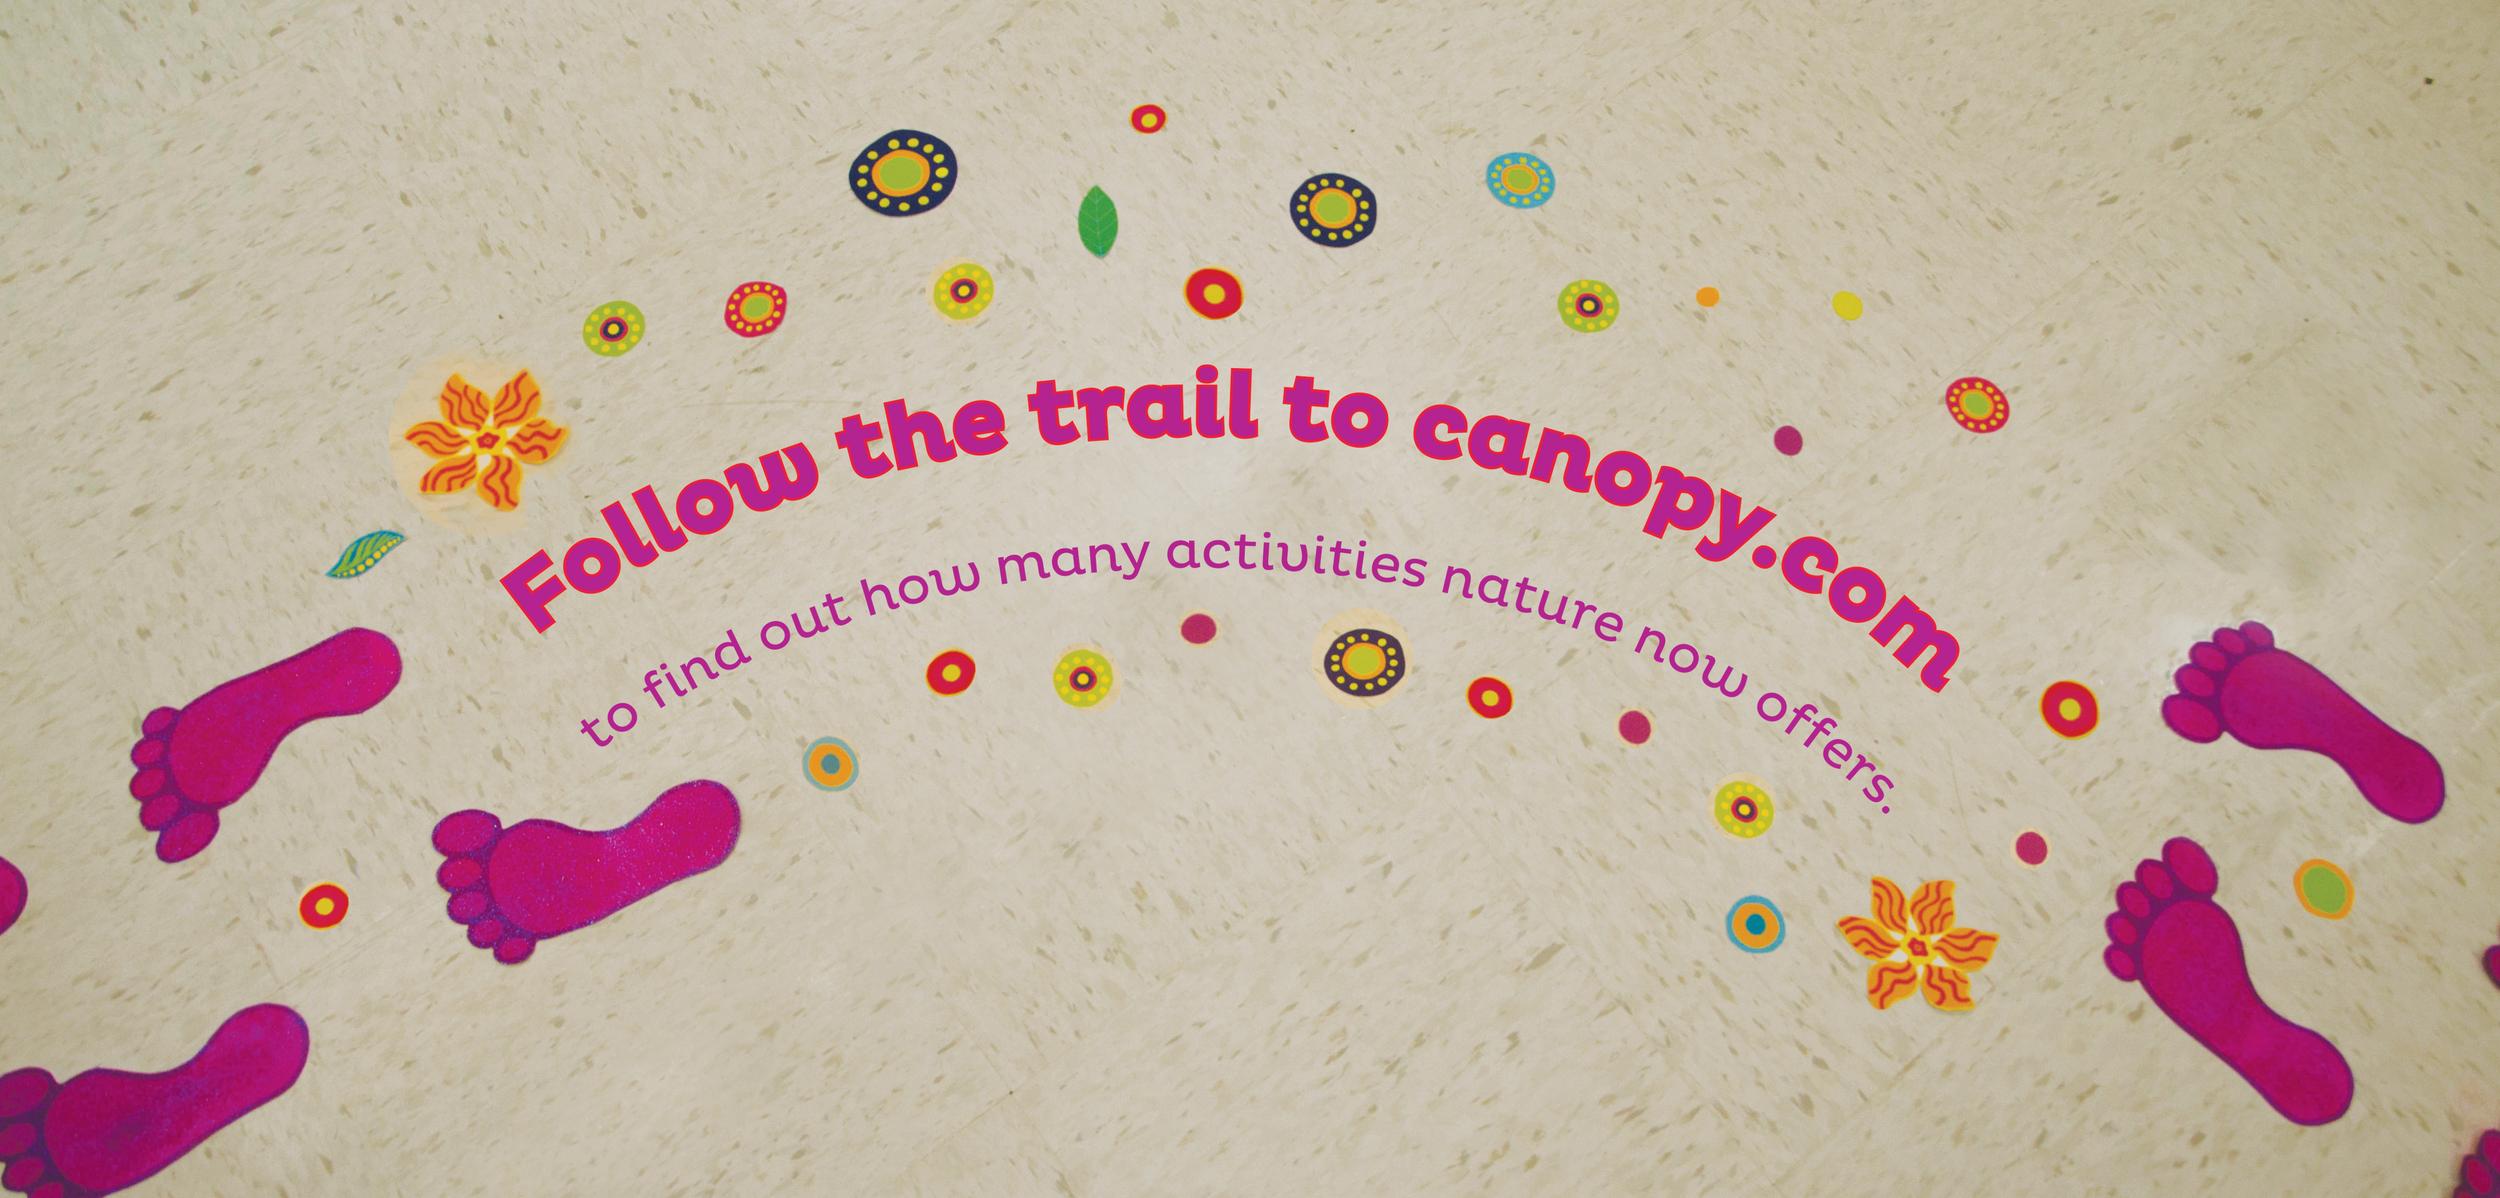 follow-the-trail.jpg